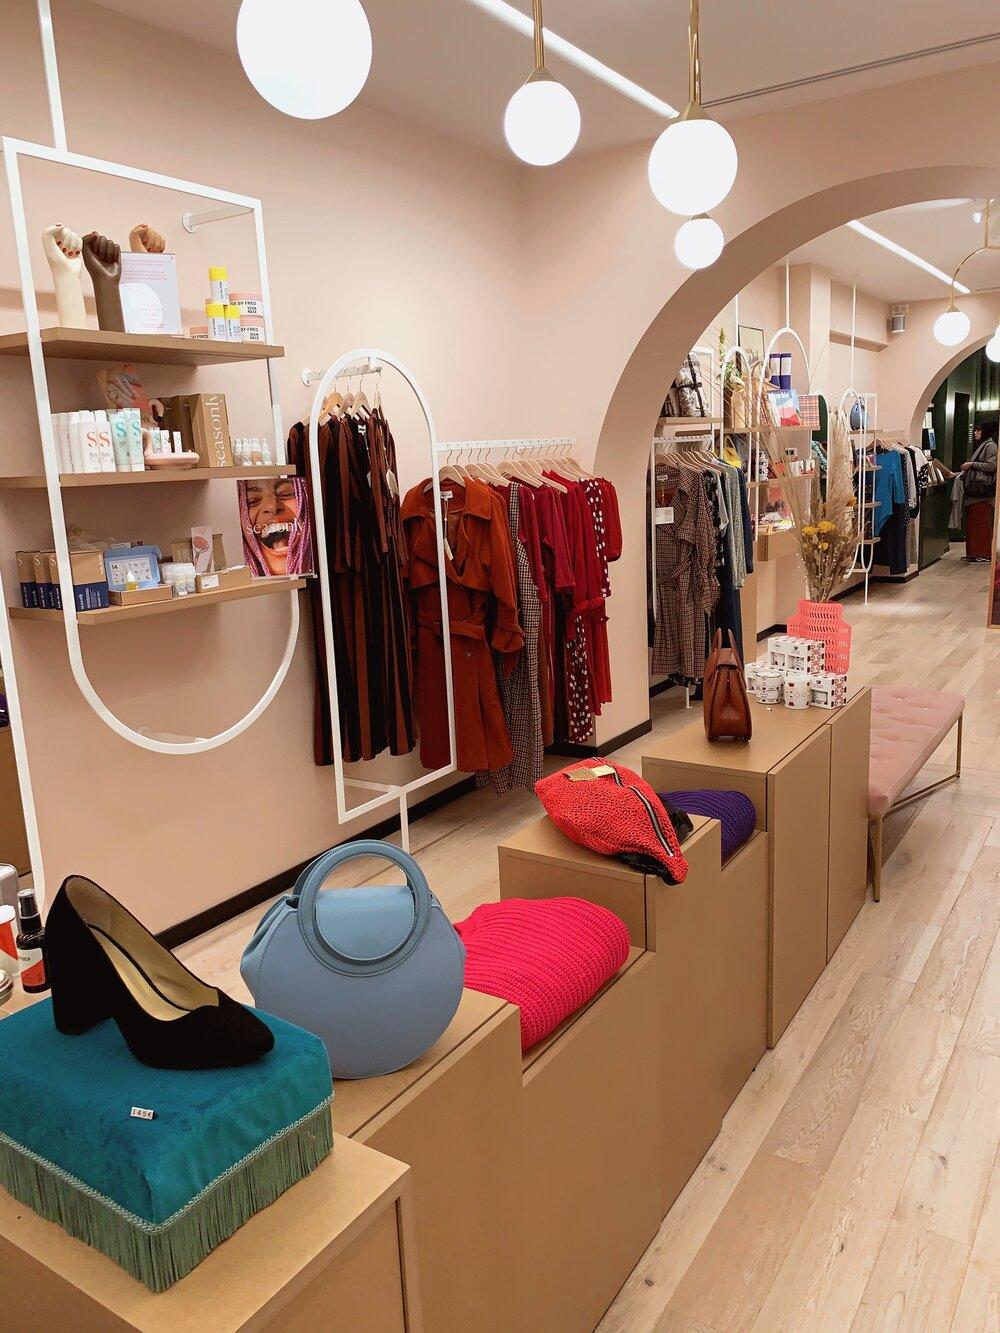 Fabric Shopping in Paris — Cut One Pair